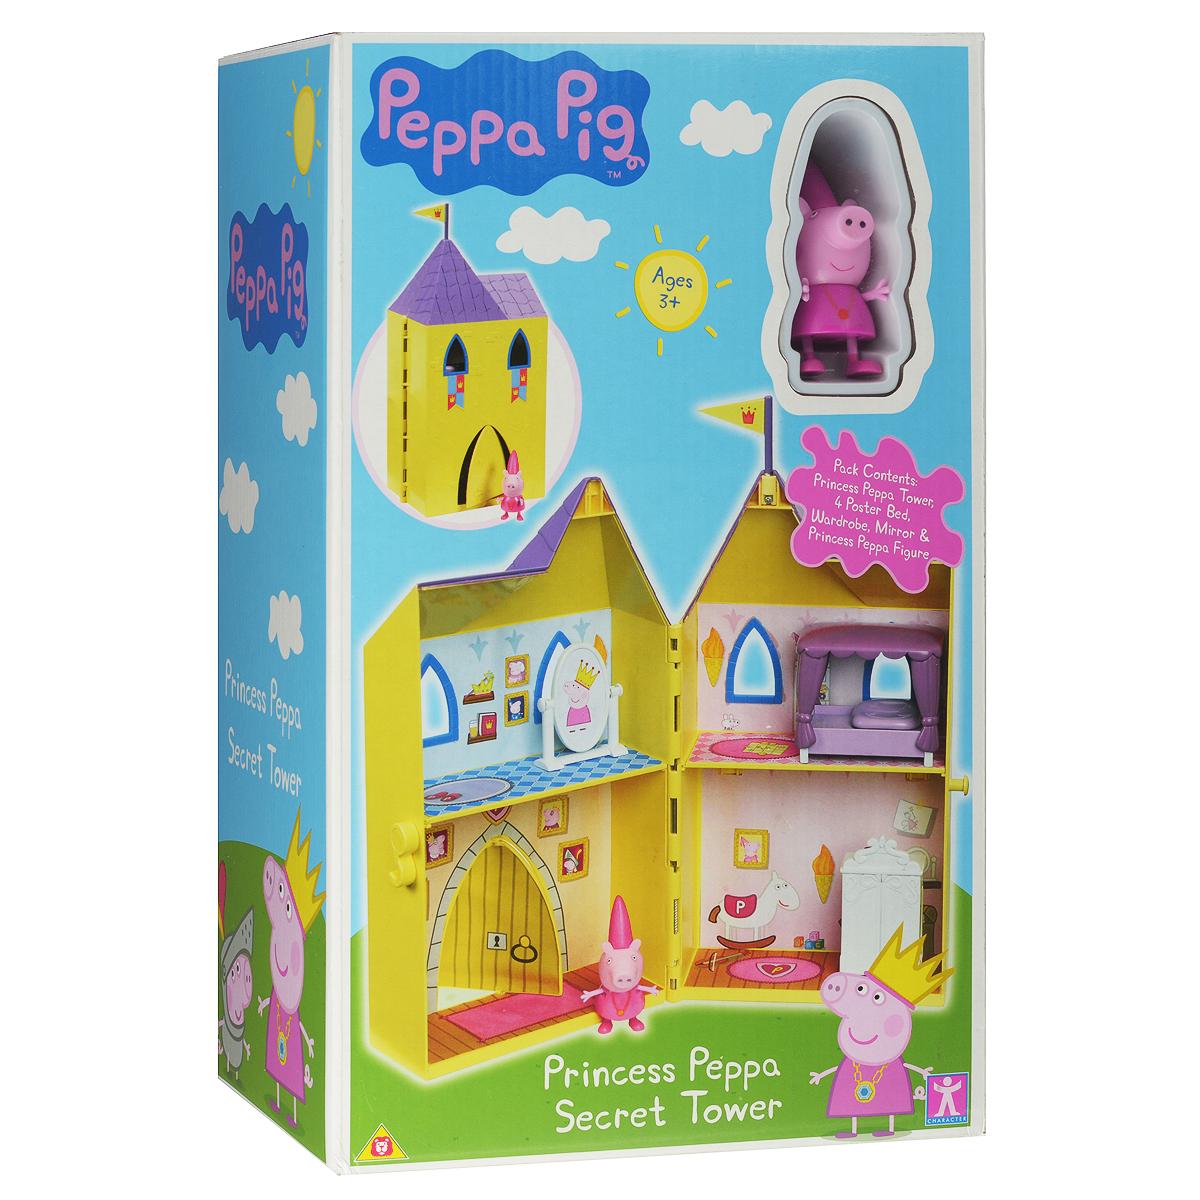 Игровой набор Peppa Pig Замок принцессы15562Игровой набор Peppa Pig Замок принцессы непременно приведет в восторг вашу малышку! Любая девочка мечтает однажды проснуться принцессой и поэтому с радостью играет в игры от лица царственных особ. А знаменитая и любимая детьми свинка Пеппа и ее прекрасный замок - это как раз то, что нужно, чтобы как можно лучше почувствовать себя настоящей дочерью короля! Роскошные апартаменты, состоящие из четырех комнат, прекрасная кукольная мебель, окна и двери, сделанные под старину, а сверху башенка с королевским флагом. Игрушка изготовлена из качественной пластмассы и абсолютно безвредна, поэтому вы можете не беспокоиться о здоровье ребенка. В наборе Замок принцессы двухэтажный домик в виде сказочного, фигурка Пеппы-принцессы с двигающимися ручками и ножками, мебель и аксессуары для оформления внутреннего пространства замка (шкаф, кровать, игрушечное зеркало). Домик разделен на 4 игровые зоны (спальня, гардеробная, игровая комната, парадная с вращающейся дверью). Товар...